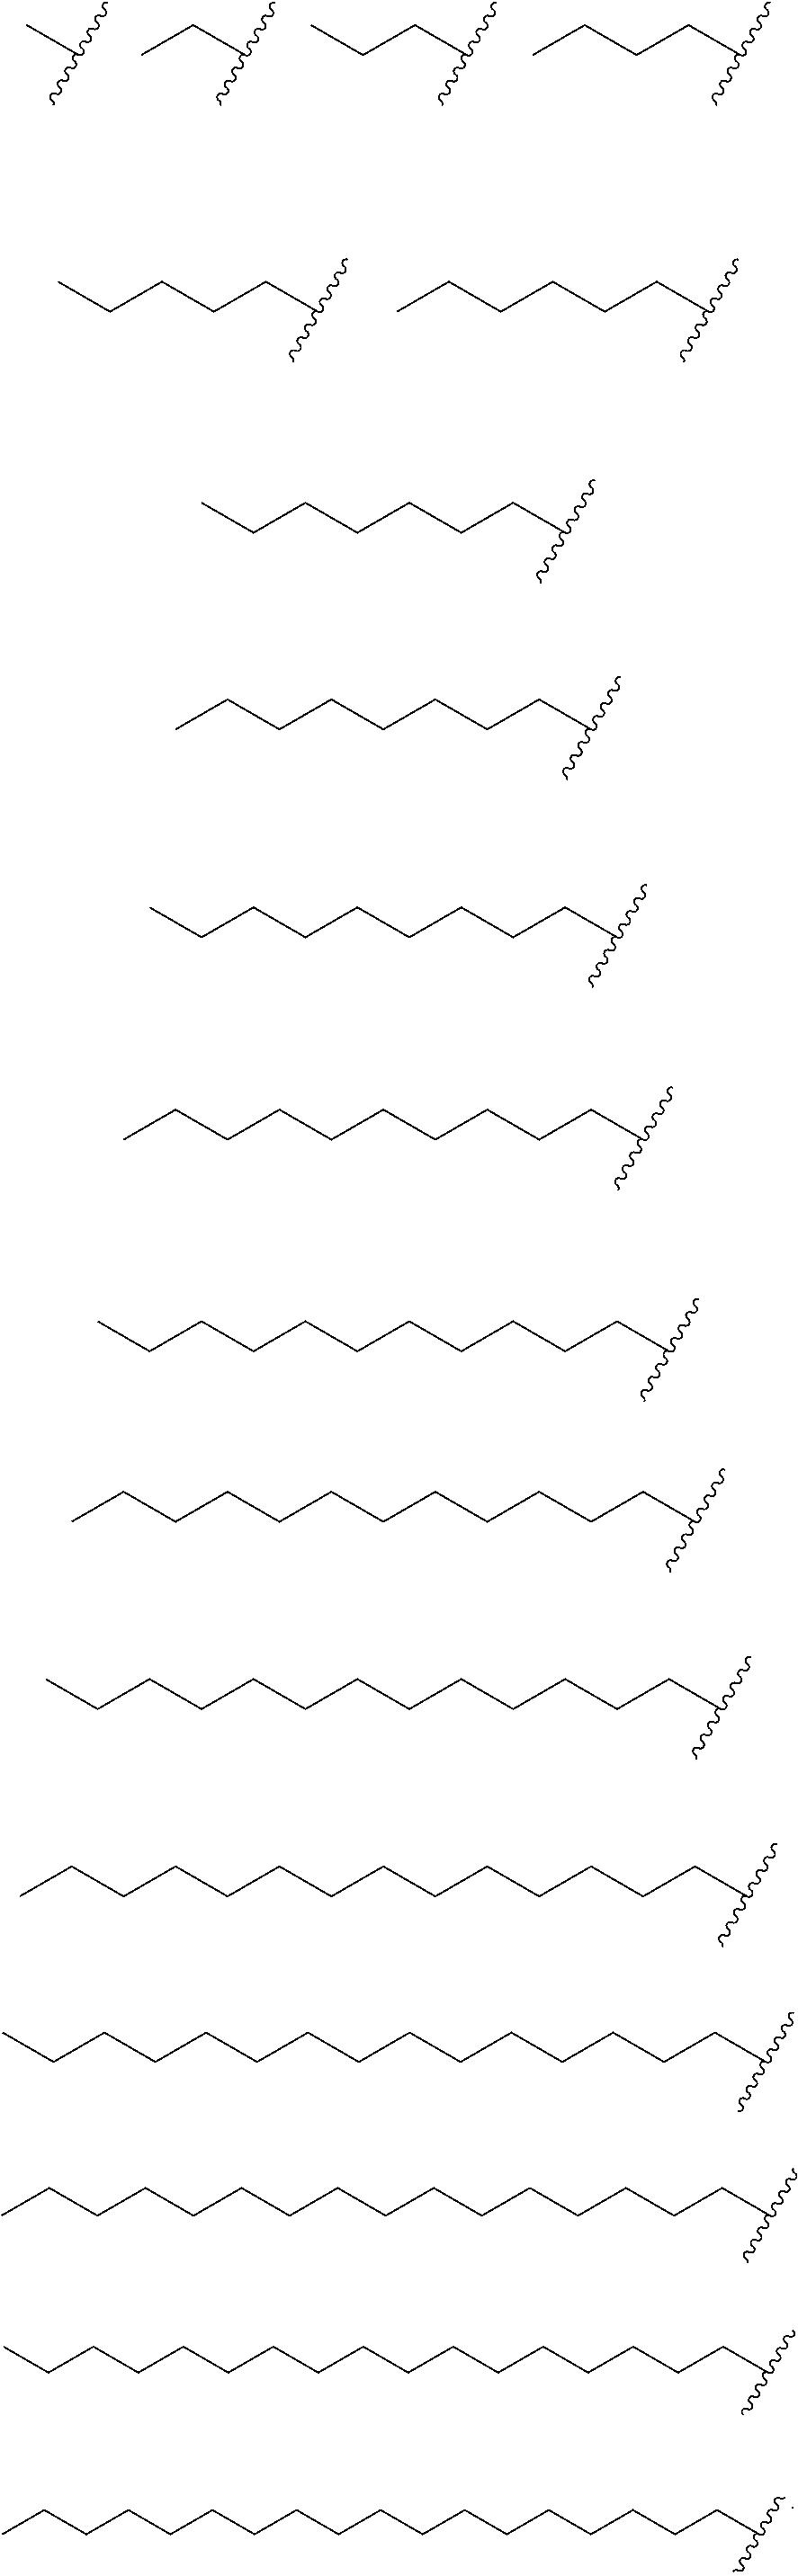 Figure US08969353-20150303-C00138